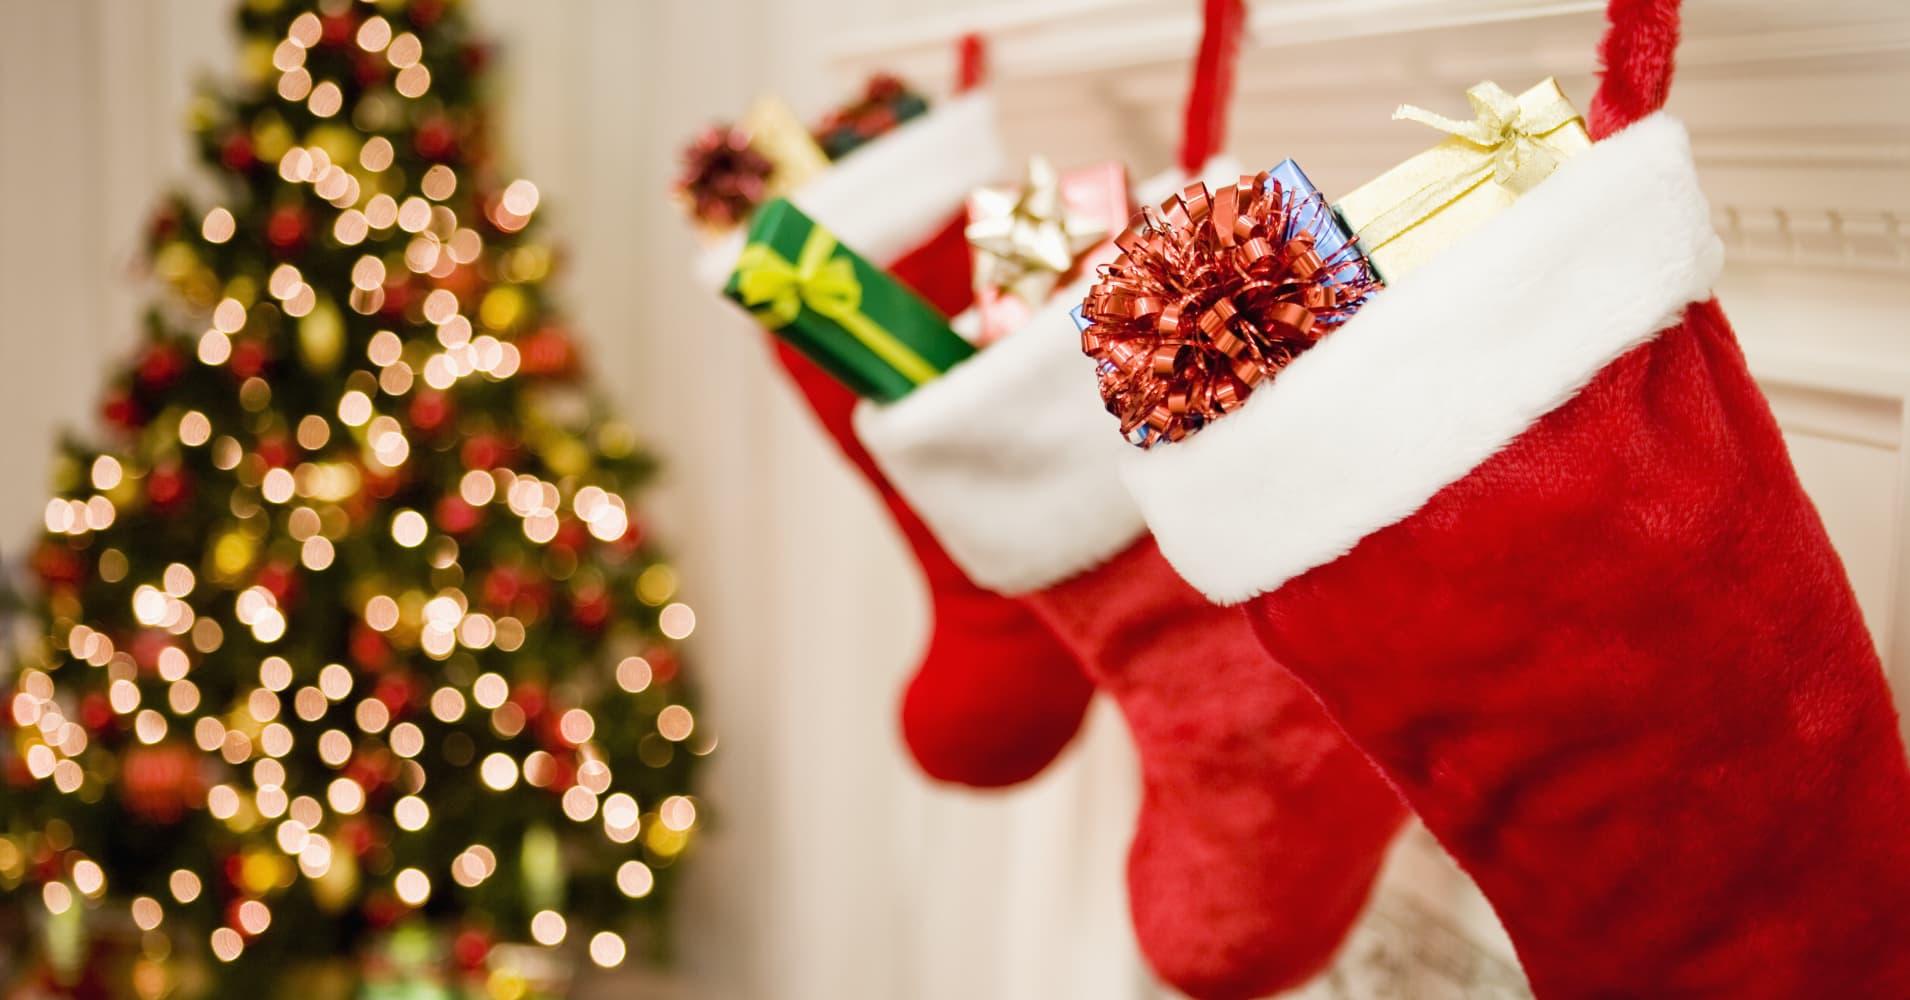 Christmas Stocking Stuffers 10 Tech Stocking Stuffers